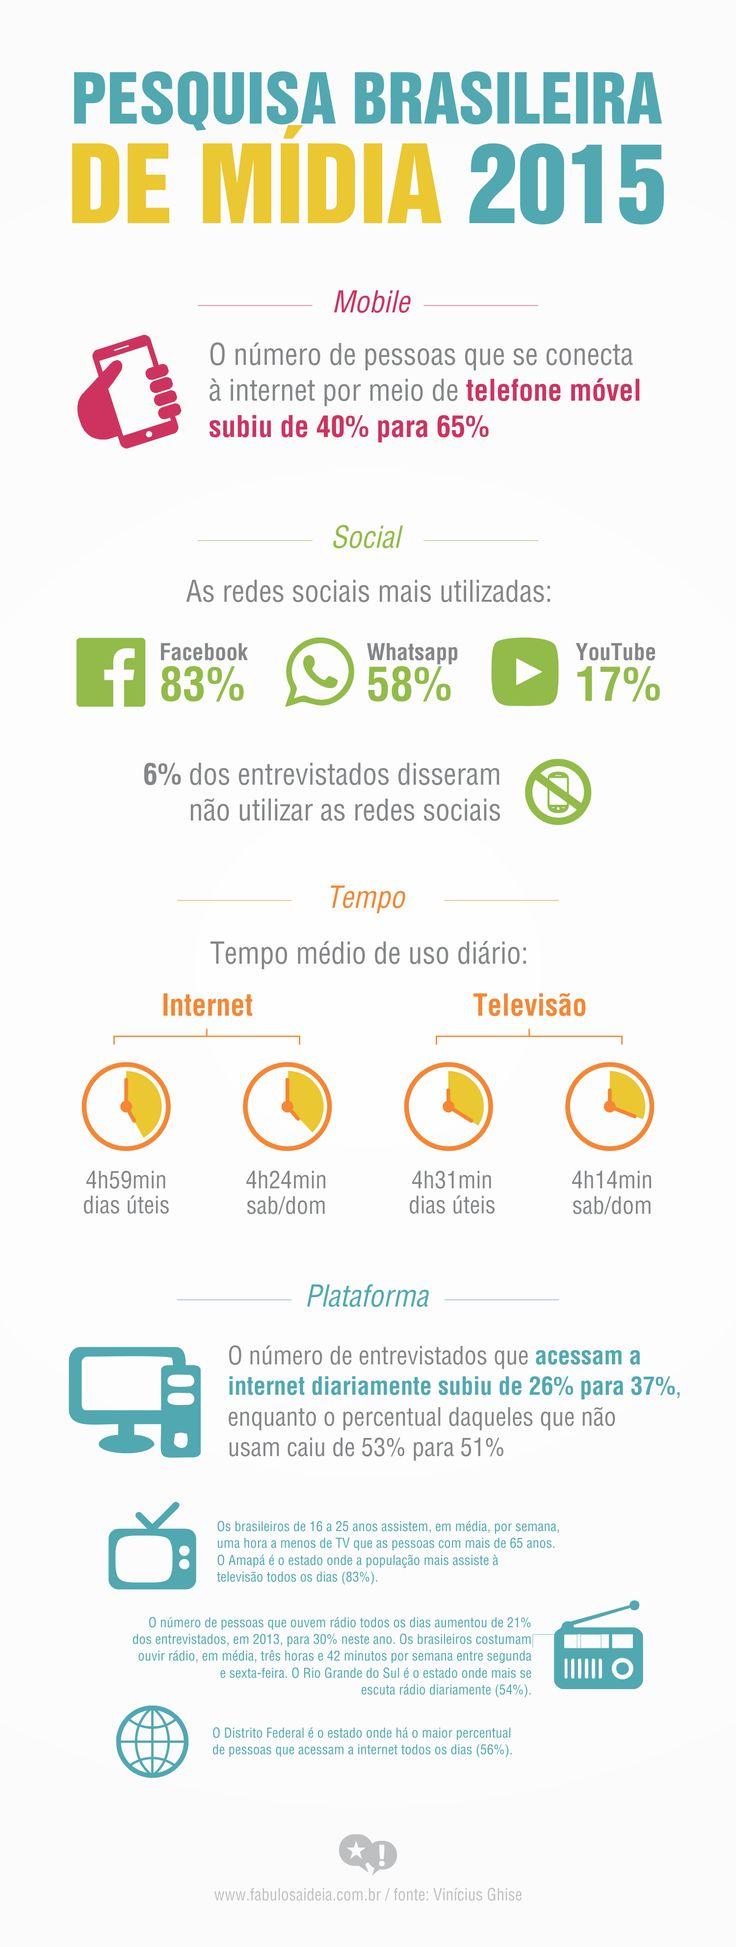 Confira a pesquisa completa aqui: http://www.viniciusghise.com.br/blog/pesquisa-brasileira-midia-2015-1/